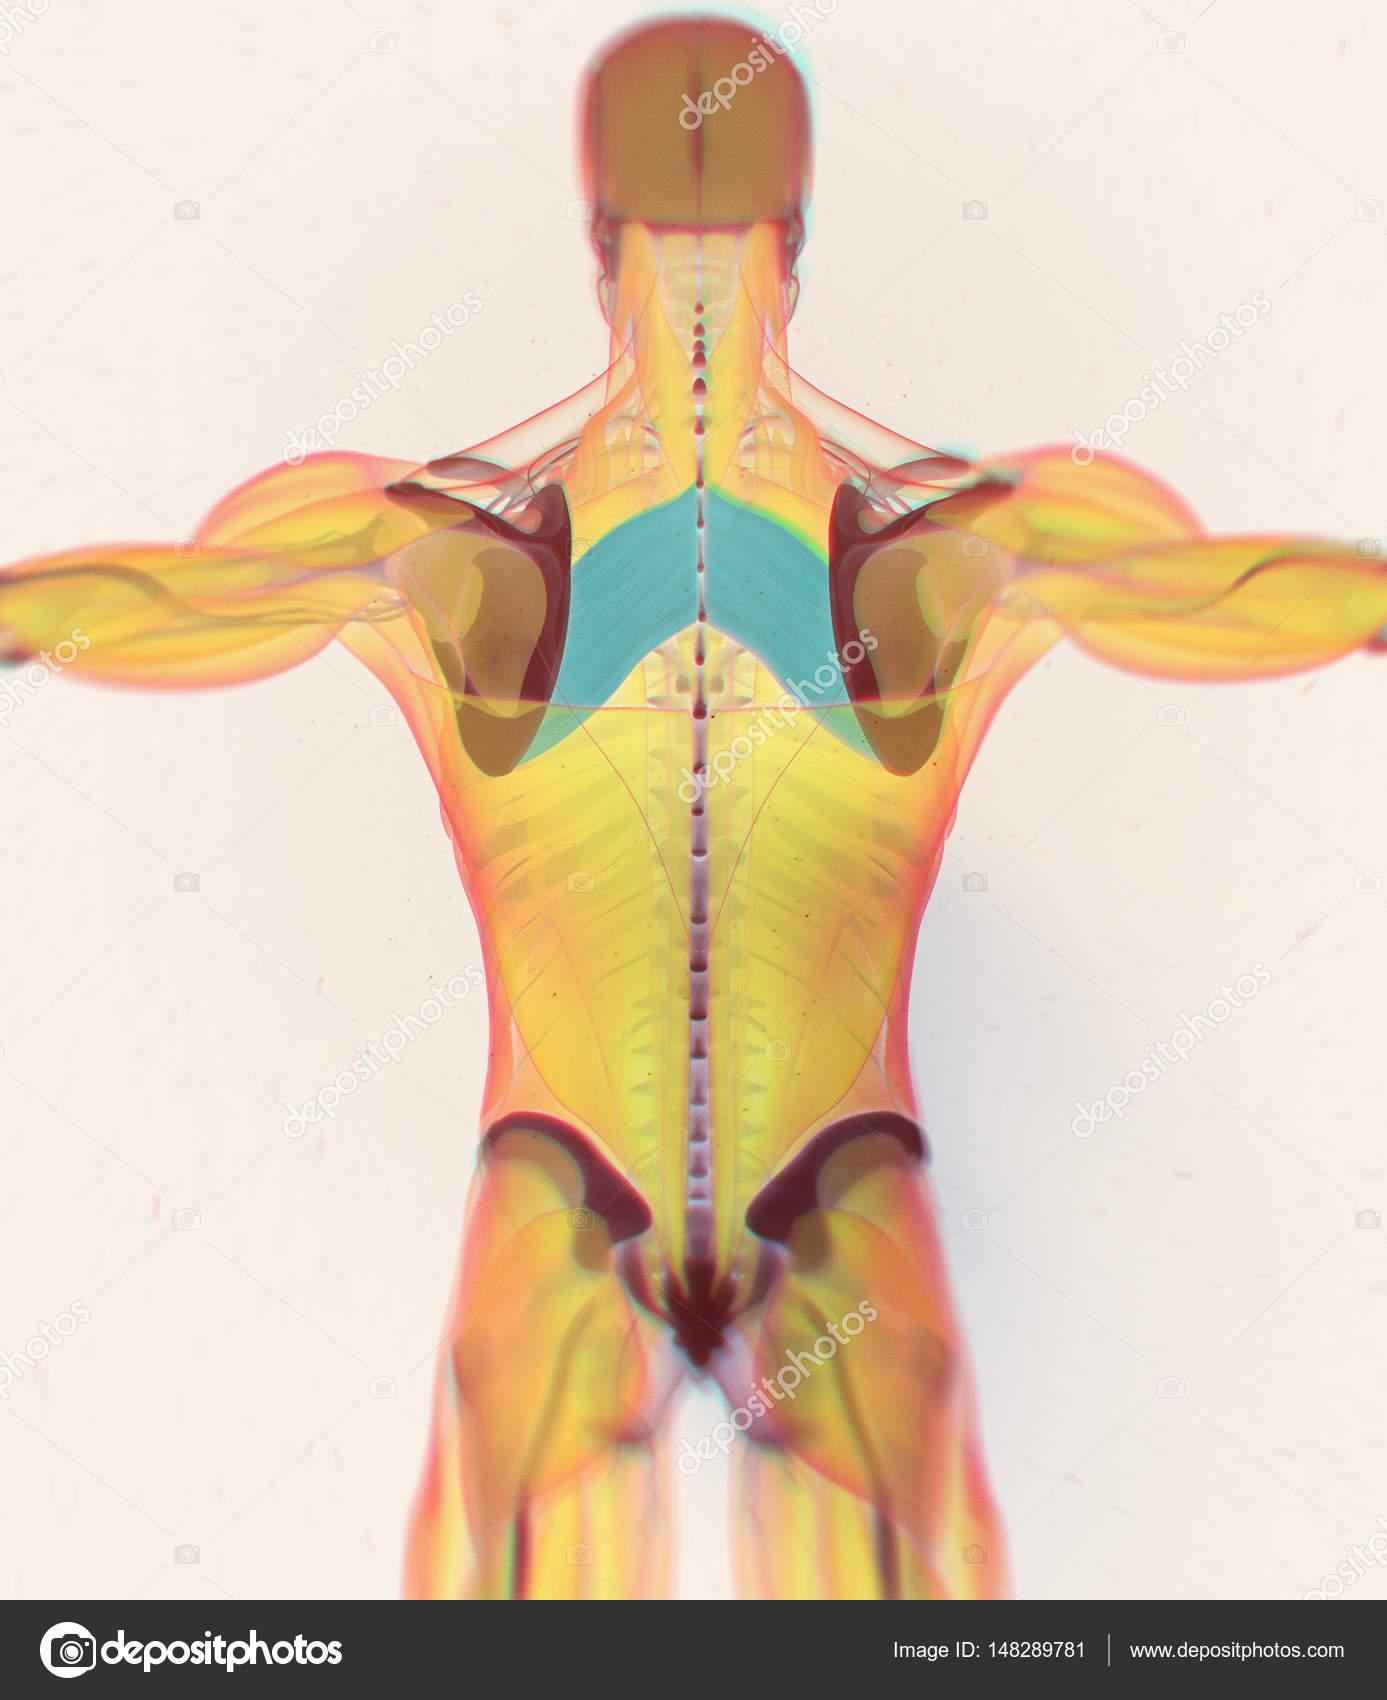 Rautenförmigen Hauptmuskeln Anatomie Modell — Stockfoto ...